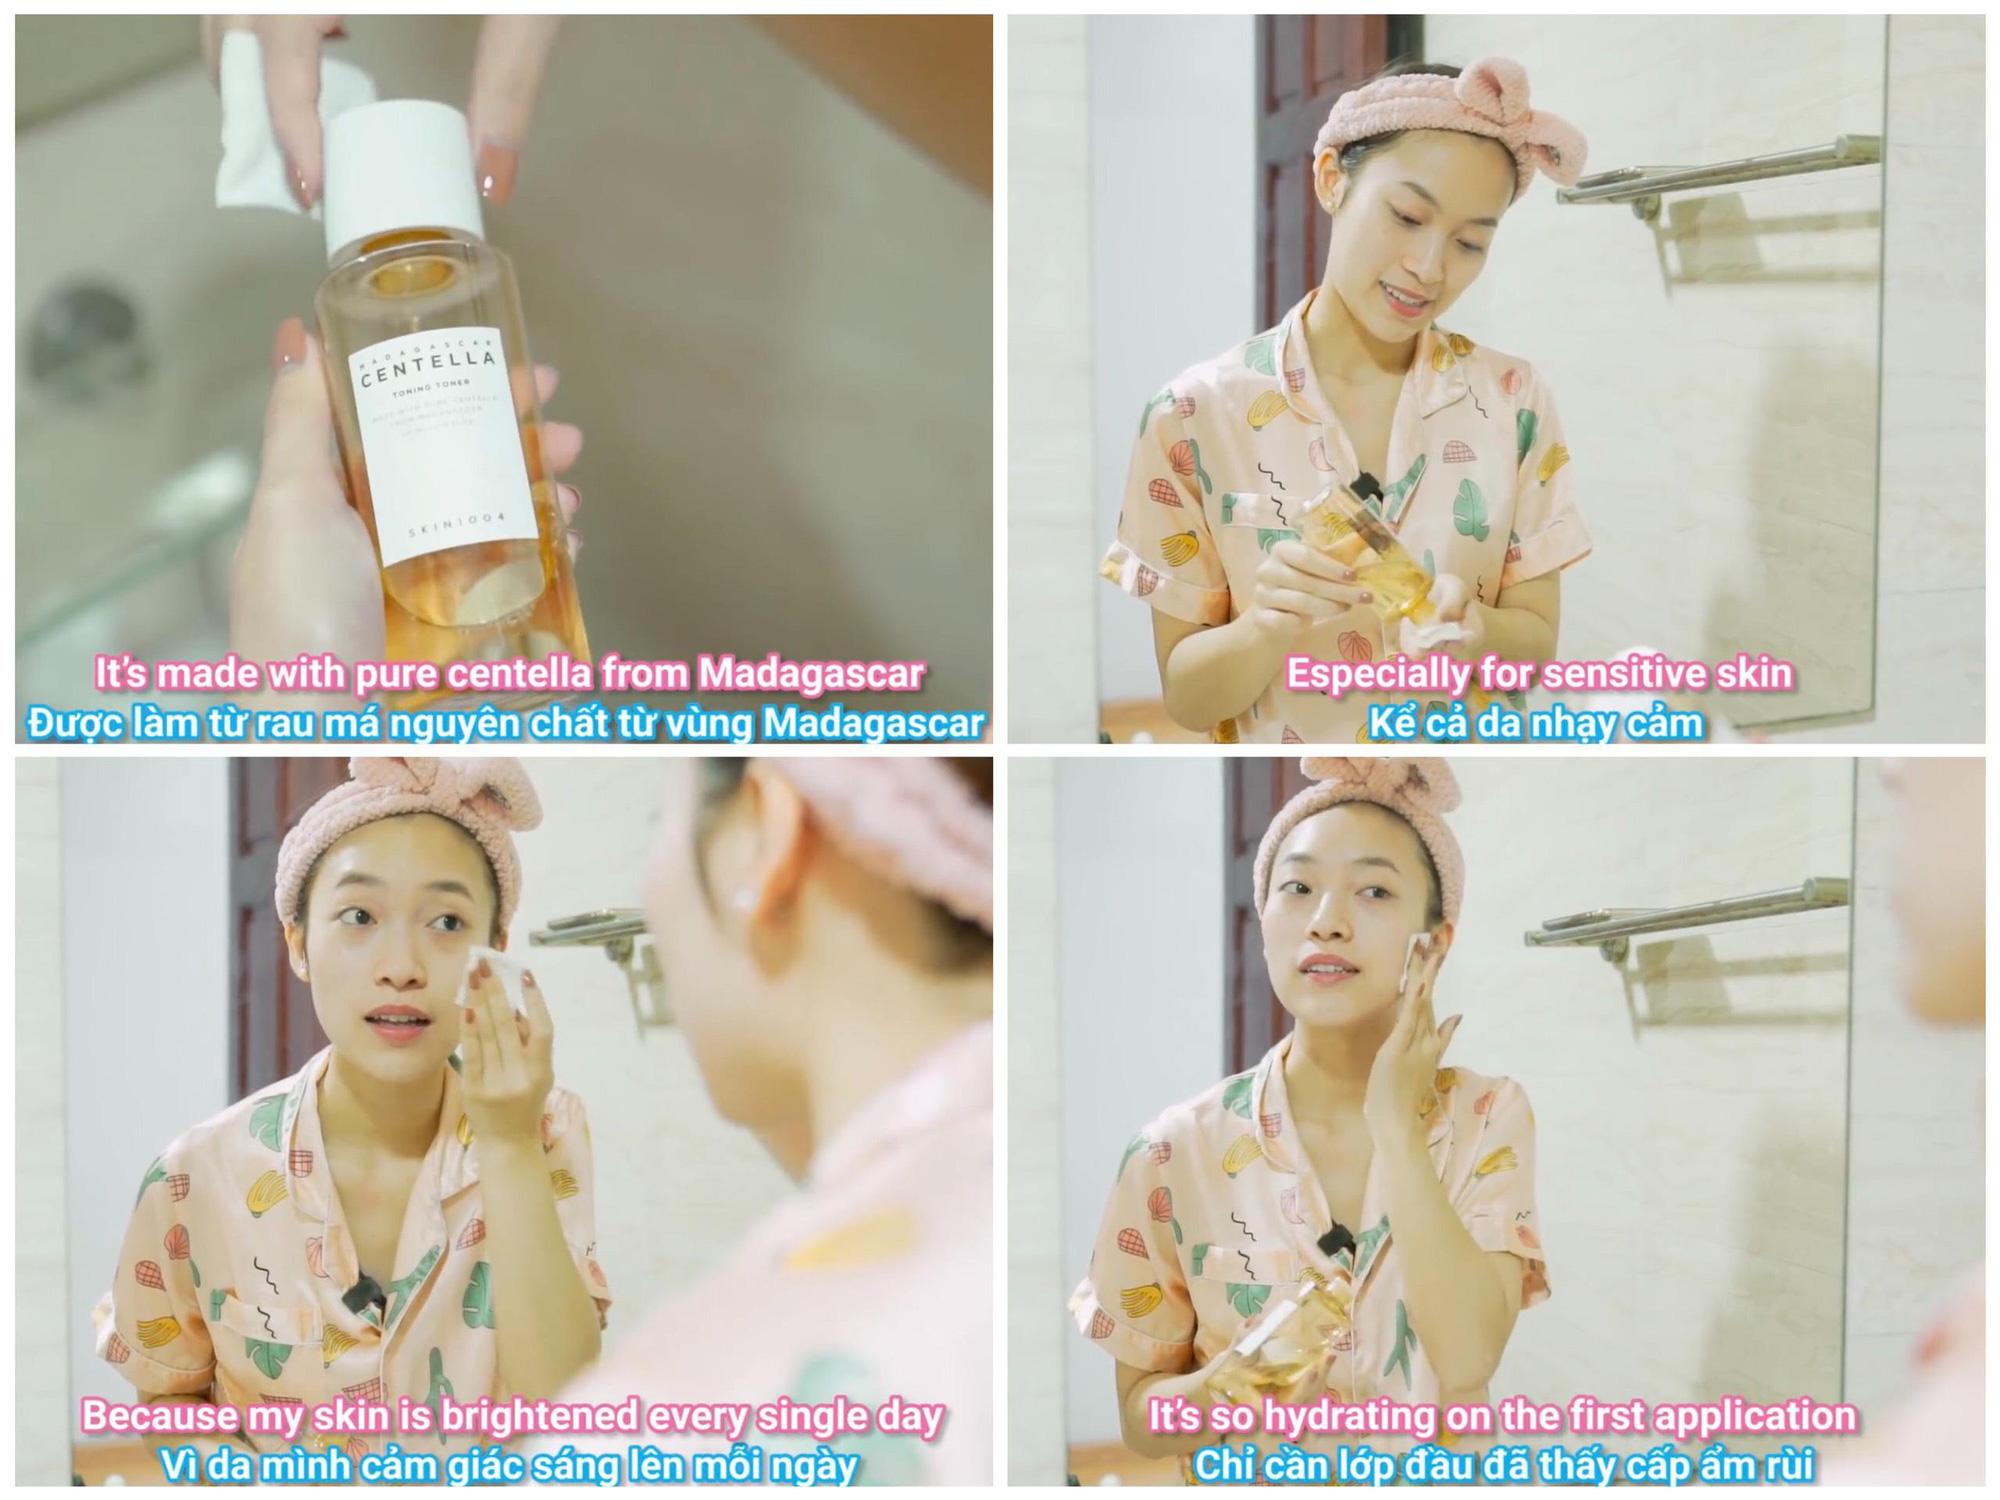 Áp dụng bí kíp dưỡng da này ngay để tỏa sáng như 2 cô nàng đa-zi-năng Suni Hạ Linh và Khánh Vy - Ảnh 3.